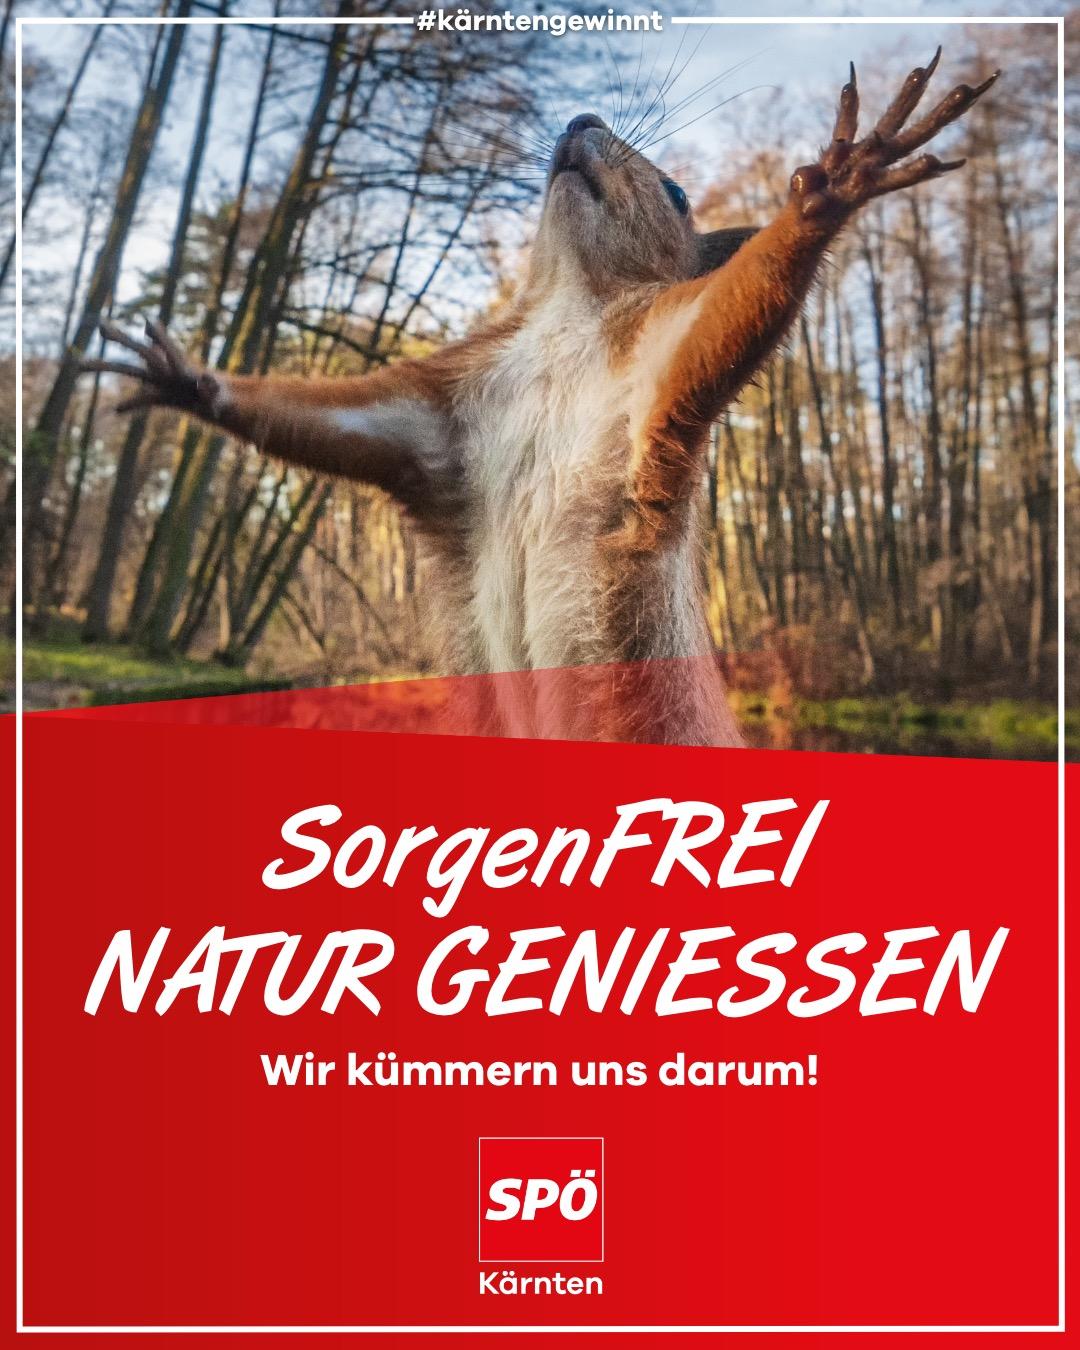 Sorgenfrei Natur geniessen Eichhörnchen